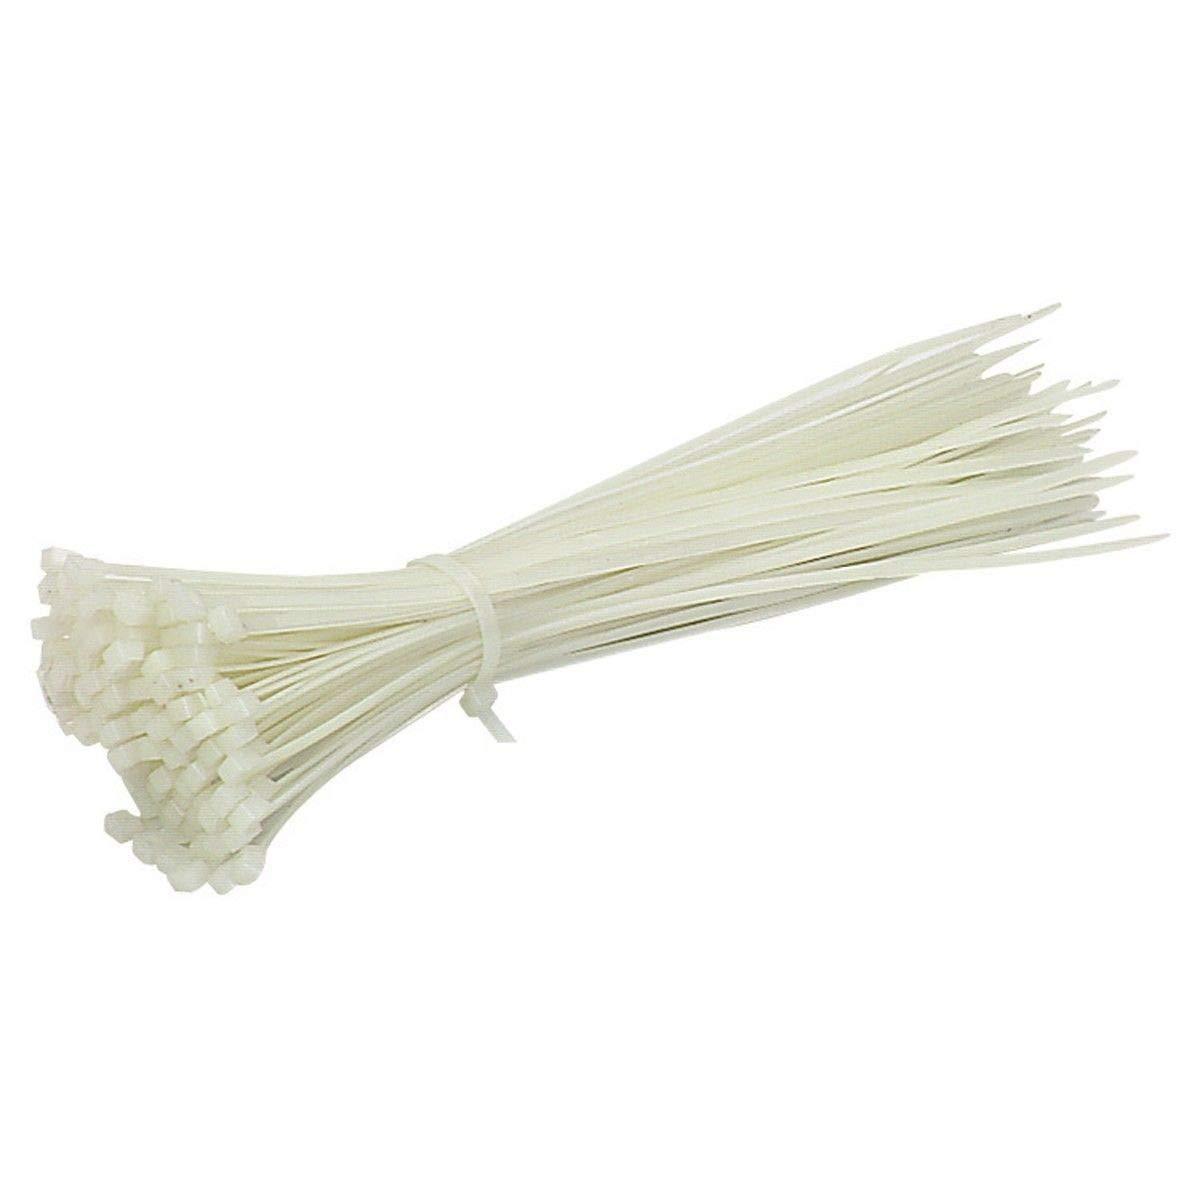 40 cm Extra largas Guilty Gadgets Color Blanco para jardiner/ía//fontaner/ía // Red//carpinter/ía // Maletero 100 Bridas de Nailon con Cremallera